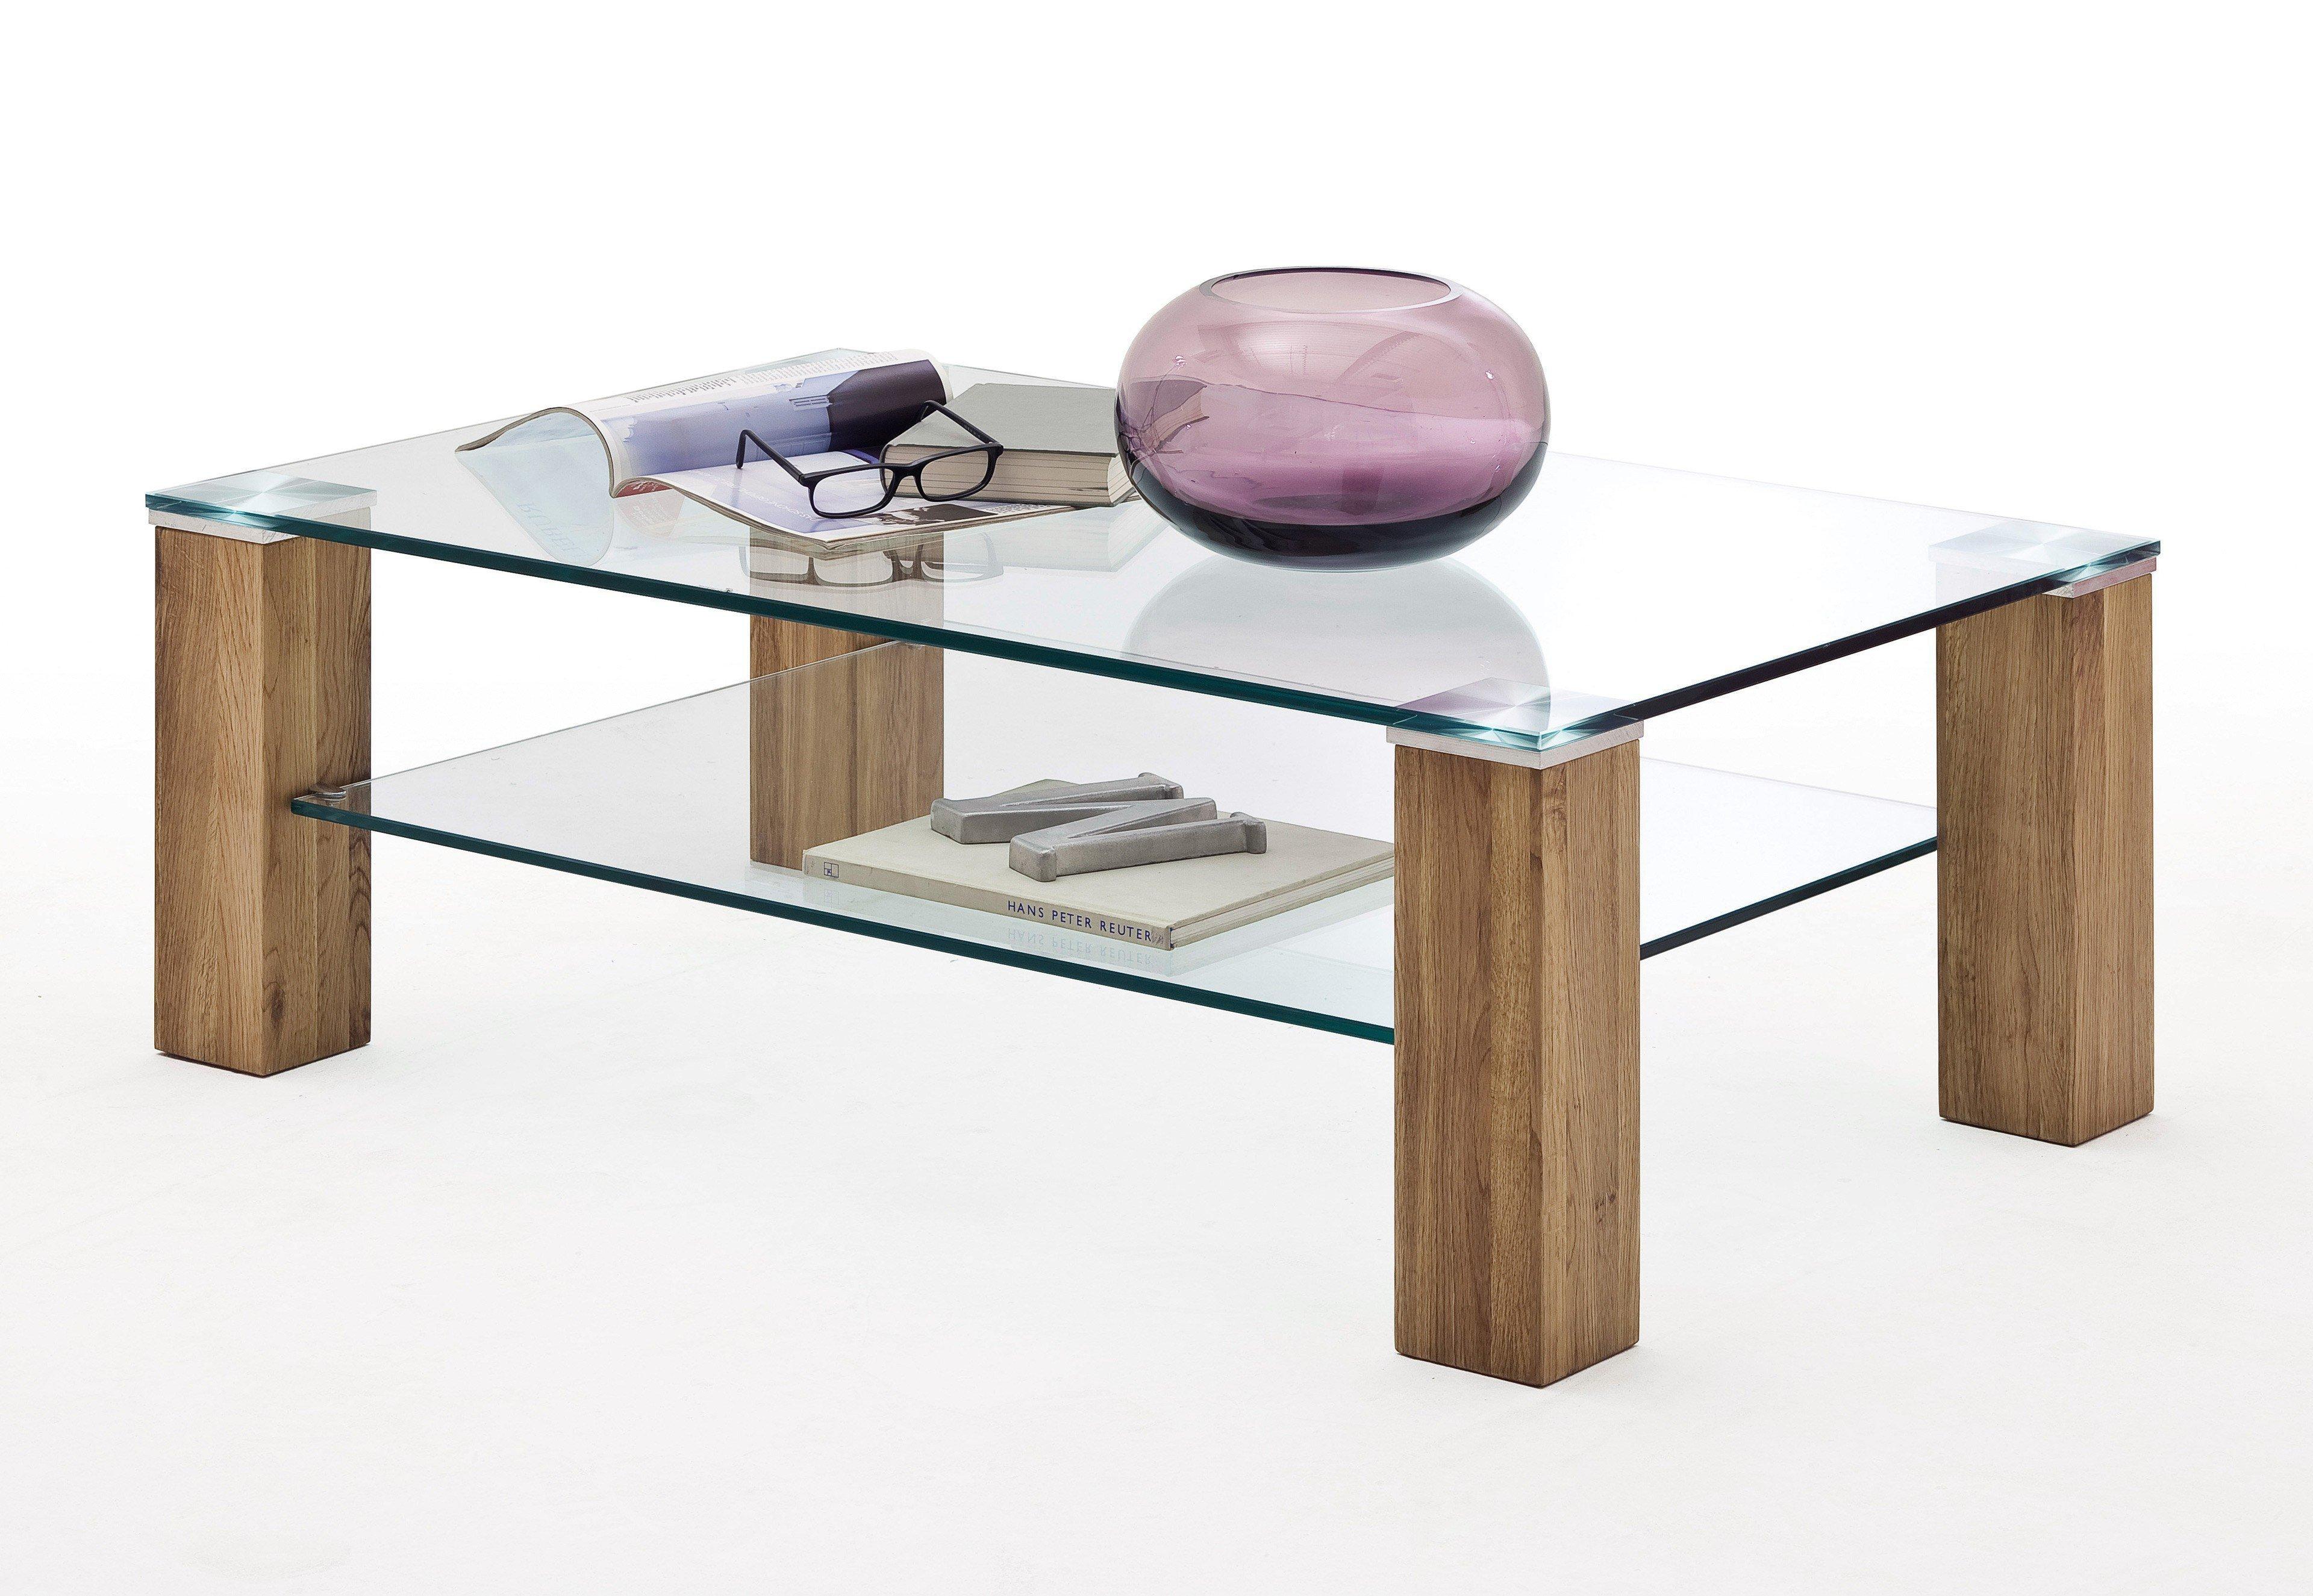 online moebel kaufen de beautiful anna von jockenhfer blau with online moebel kaufen de. Black Bedroom Furniture Sets. Home Design Ideas